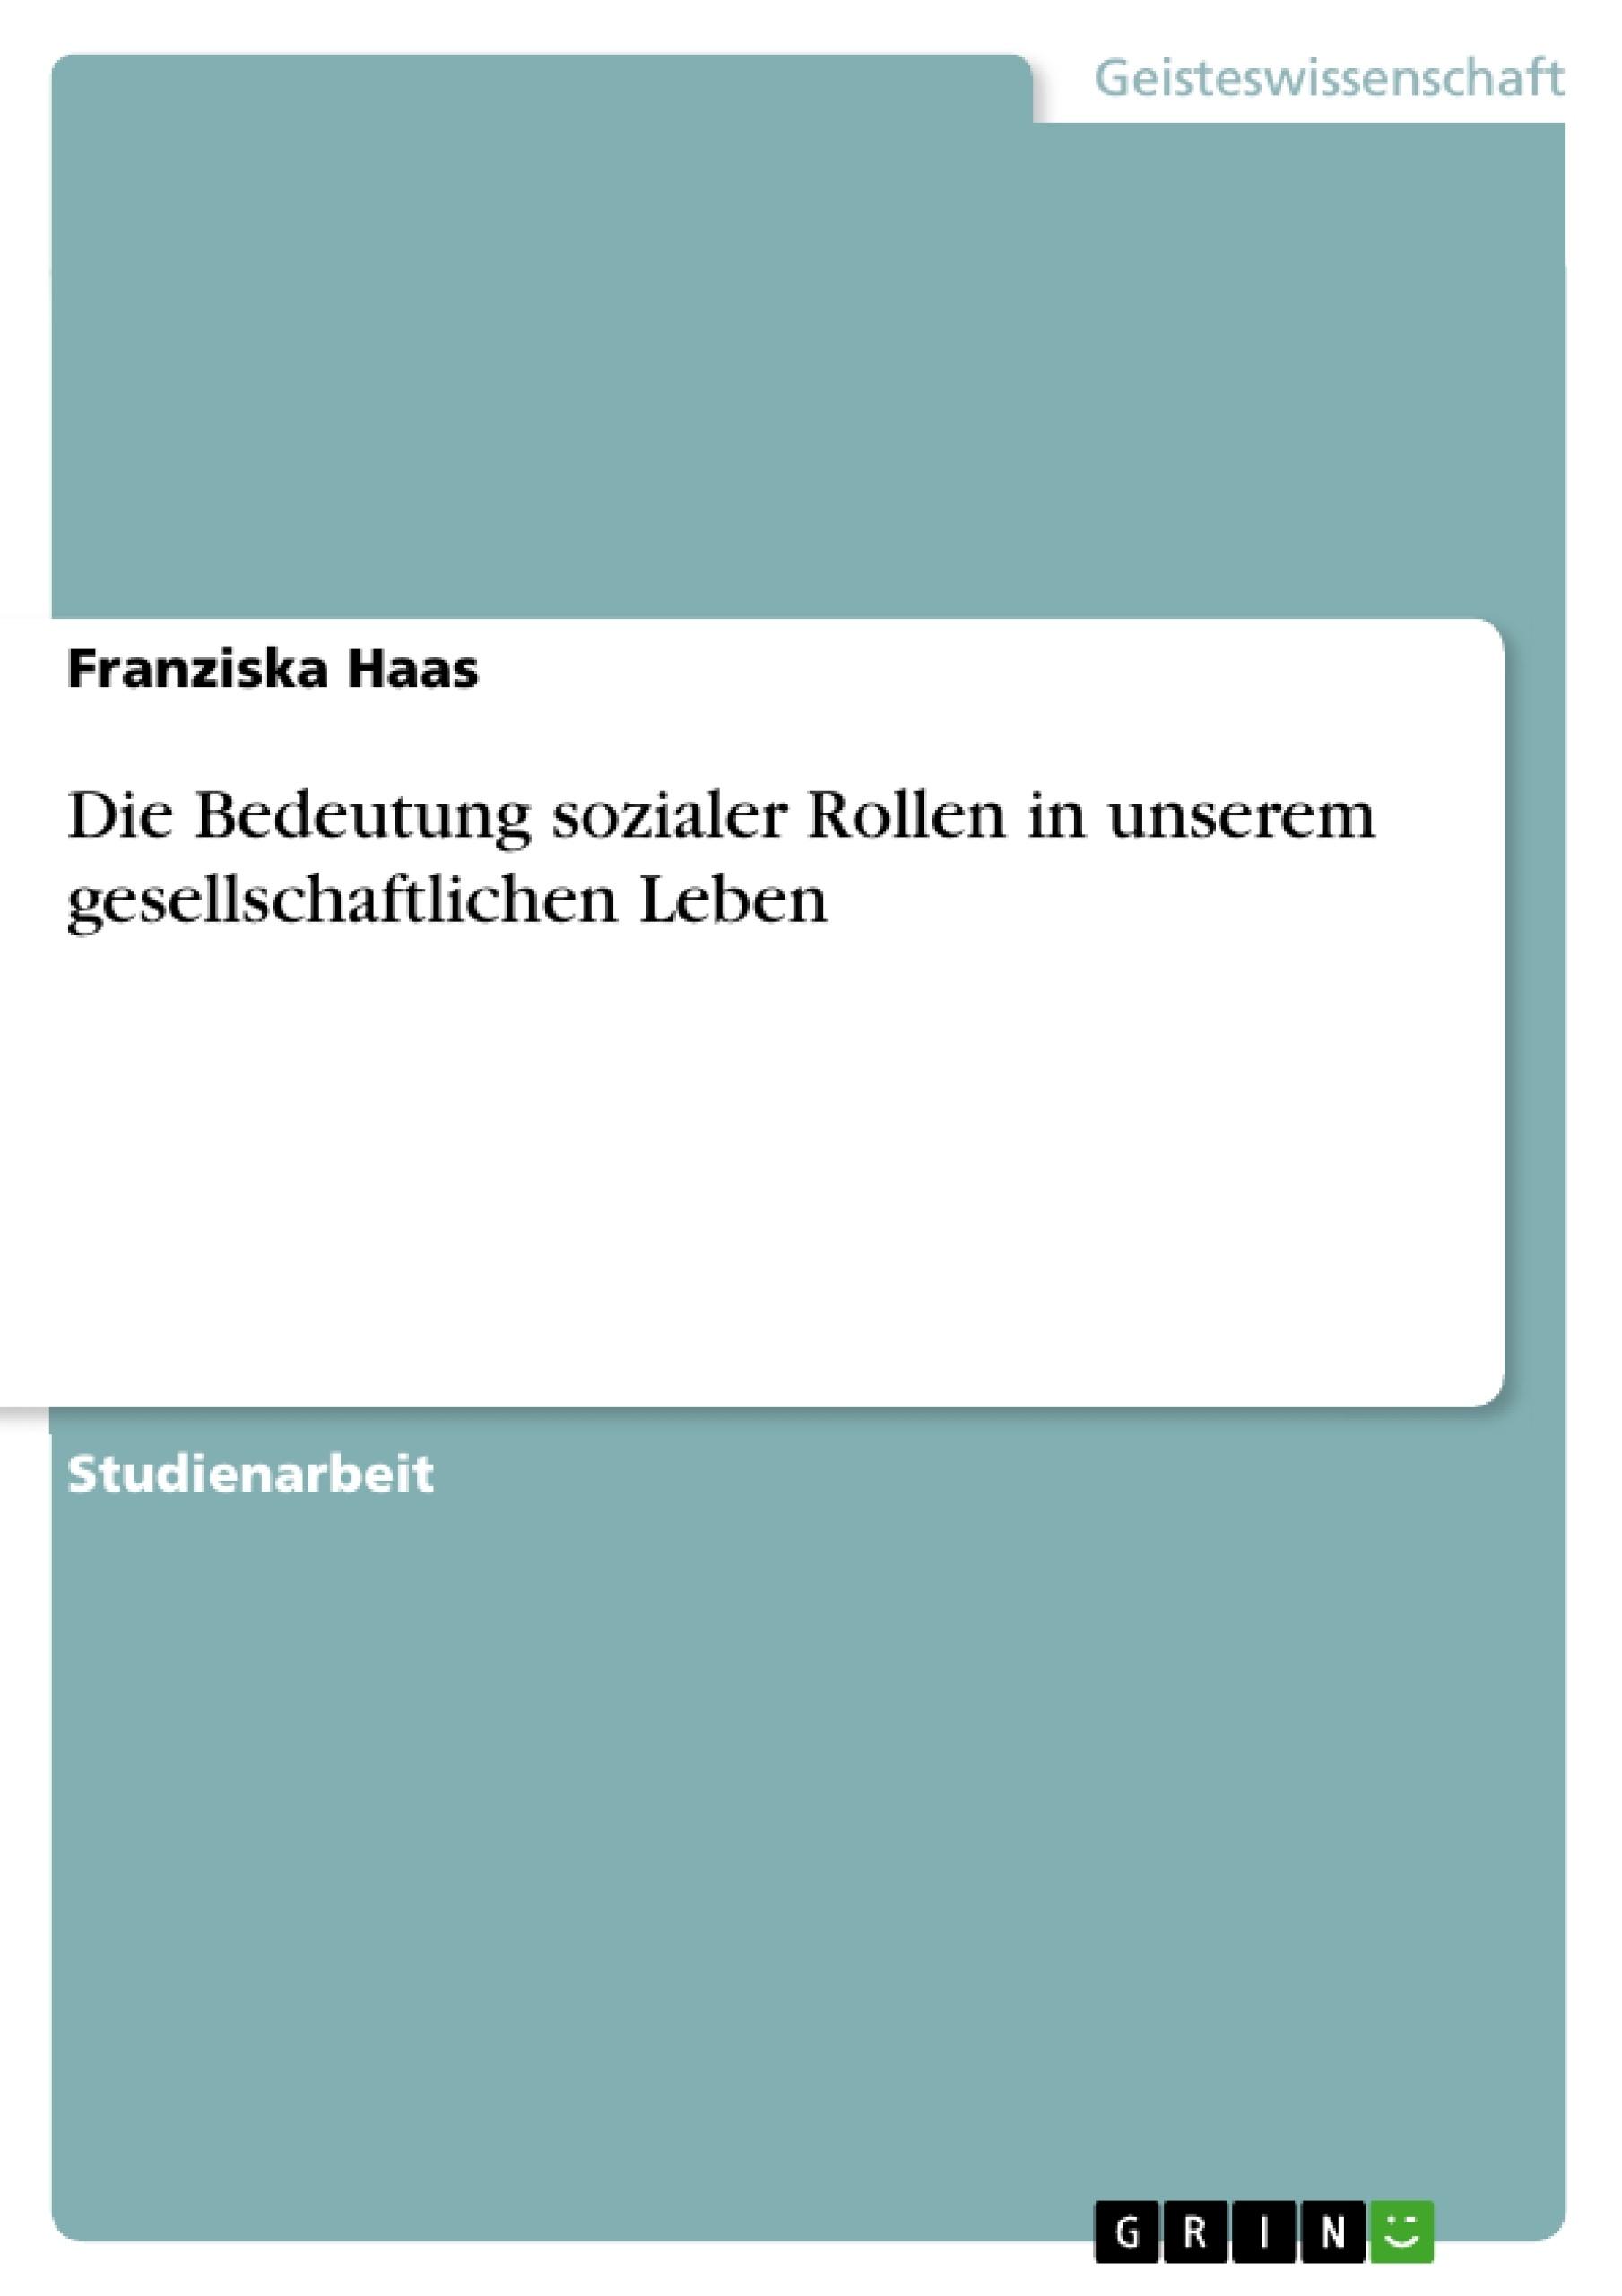 Titel: Die Bedeutung sozialer Rollen in unserem gesellschaftlichen Leben